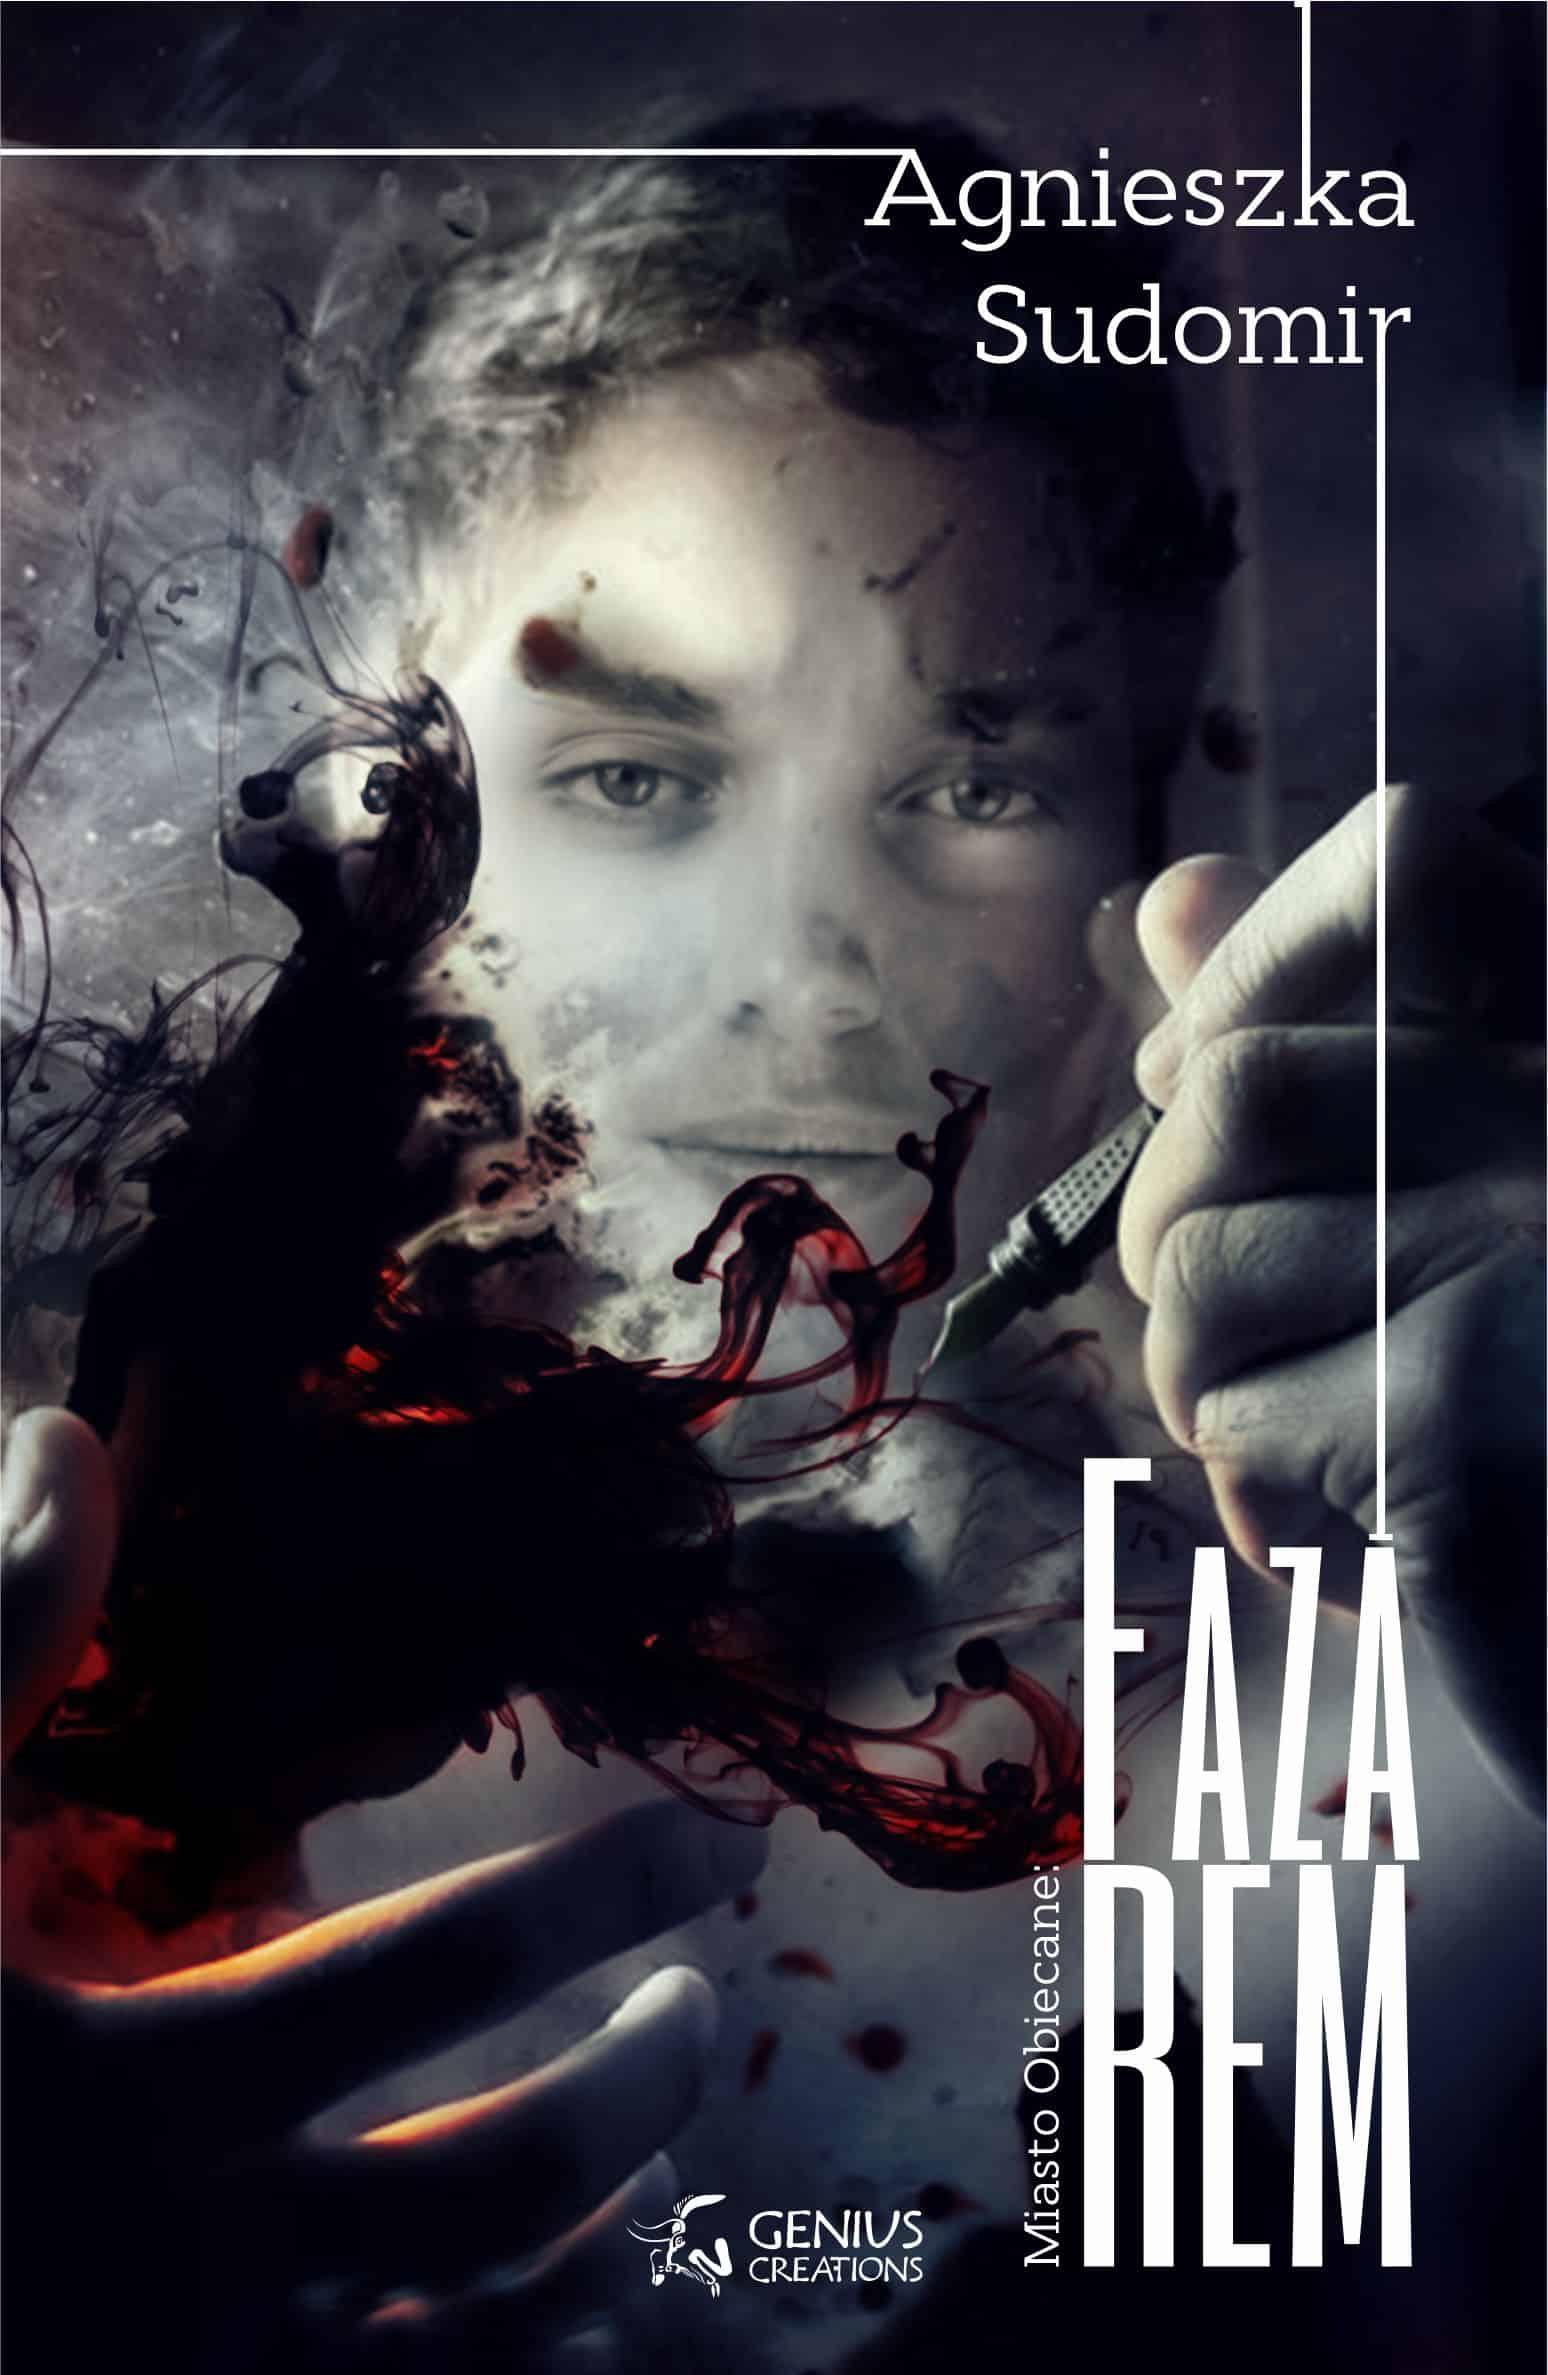 7a4559ebaab29 A bohaterowie tej powieści to zaiste intrygująca ekipa. Pani detektyw to  blond piękność z paskudną blizną na policzku, która ćwiczy capoeirę i  prowadzi ...